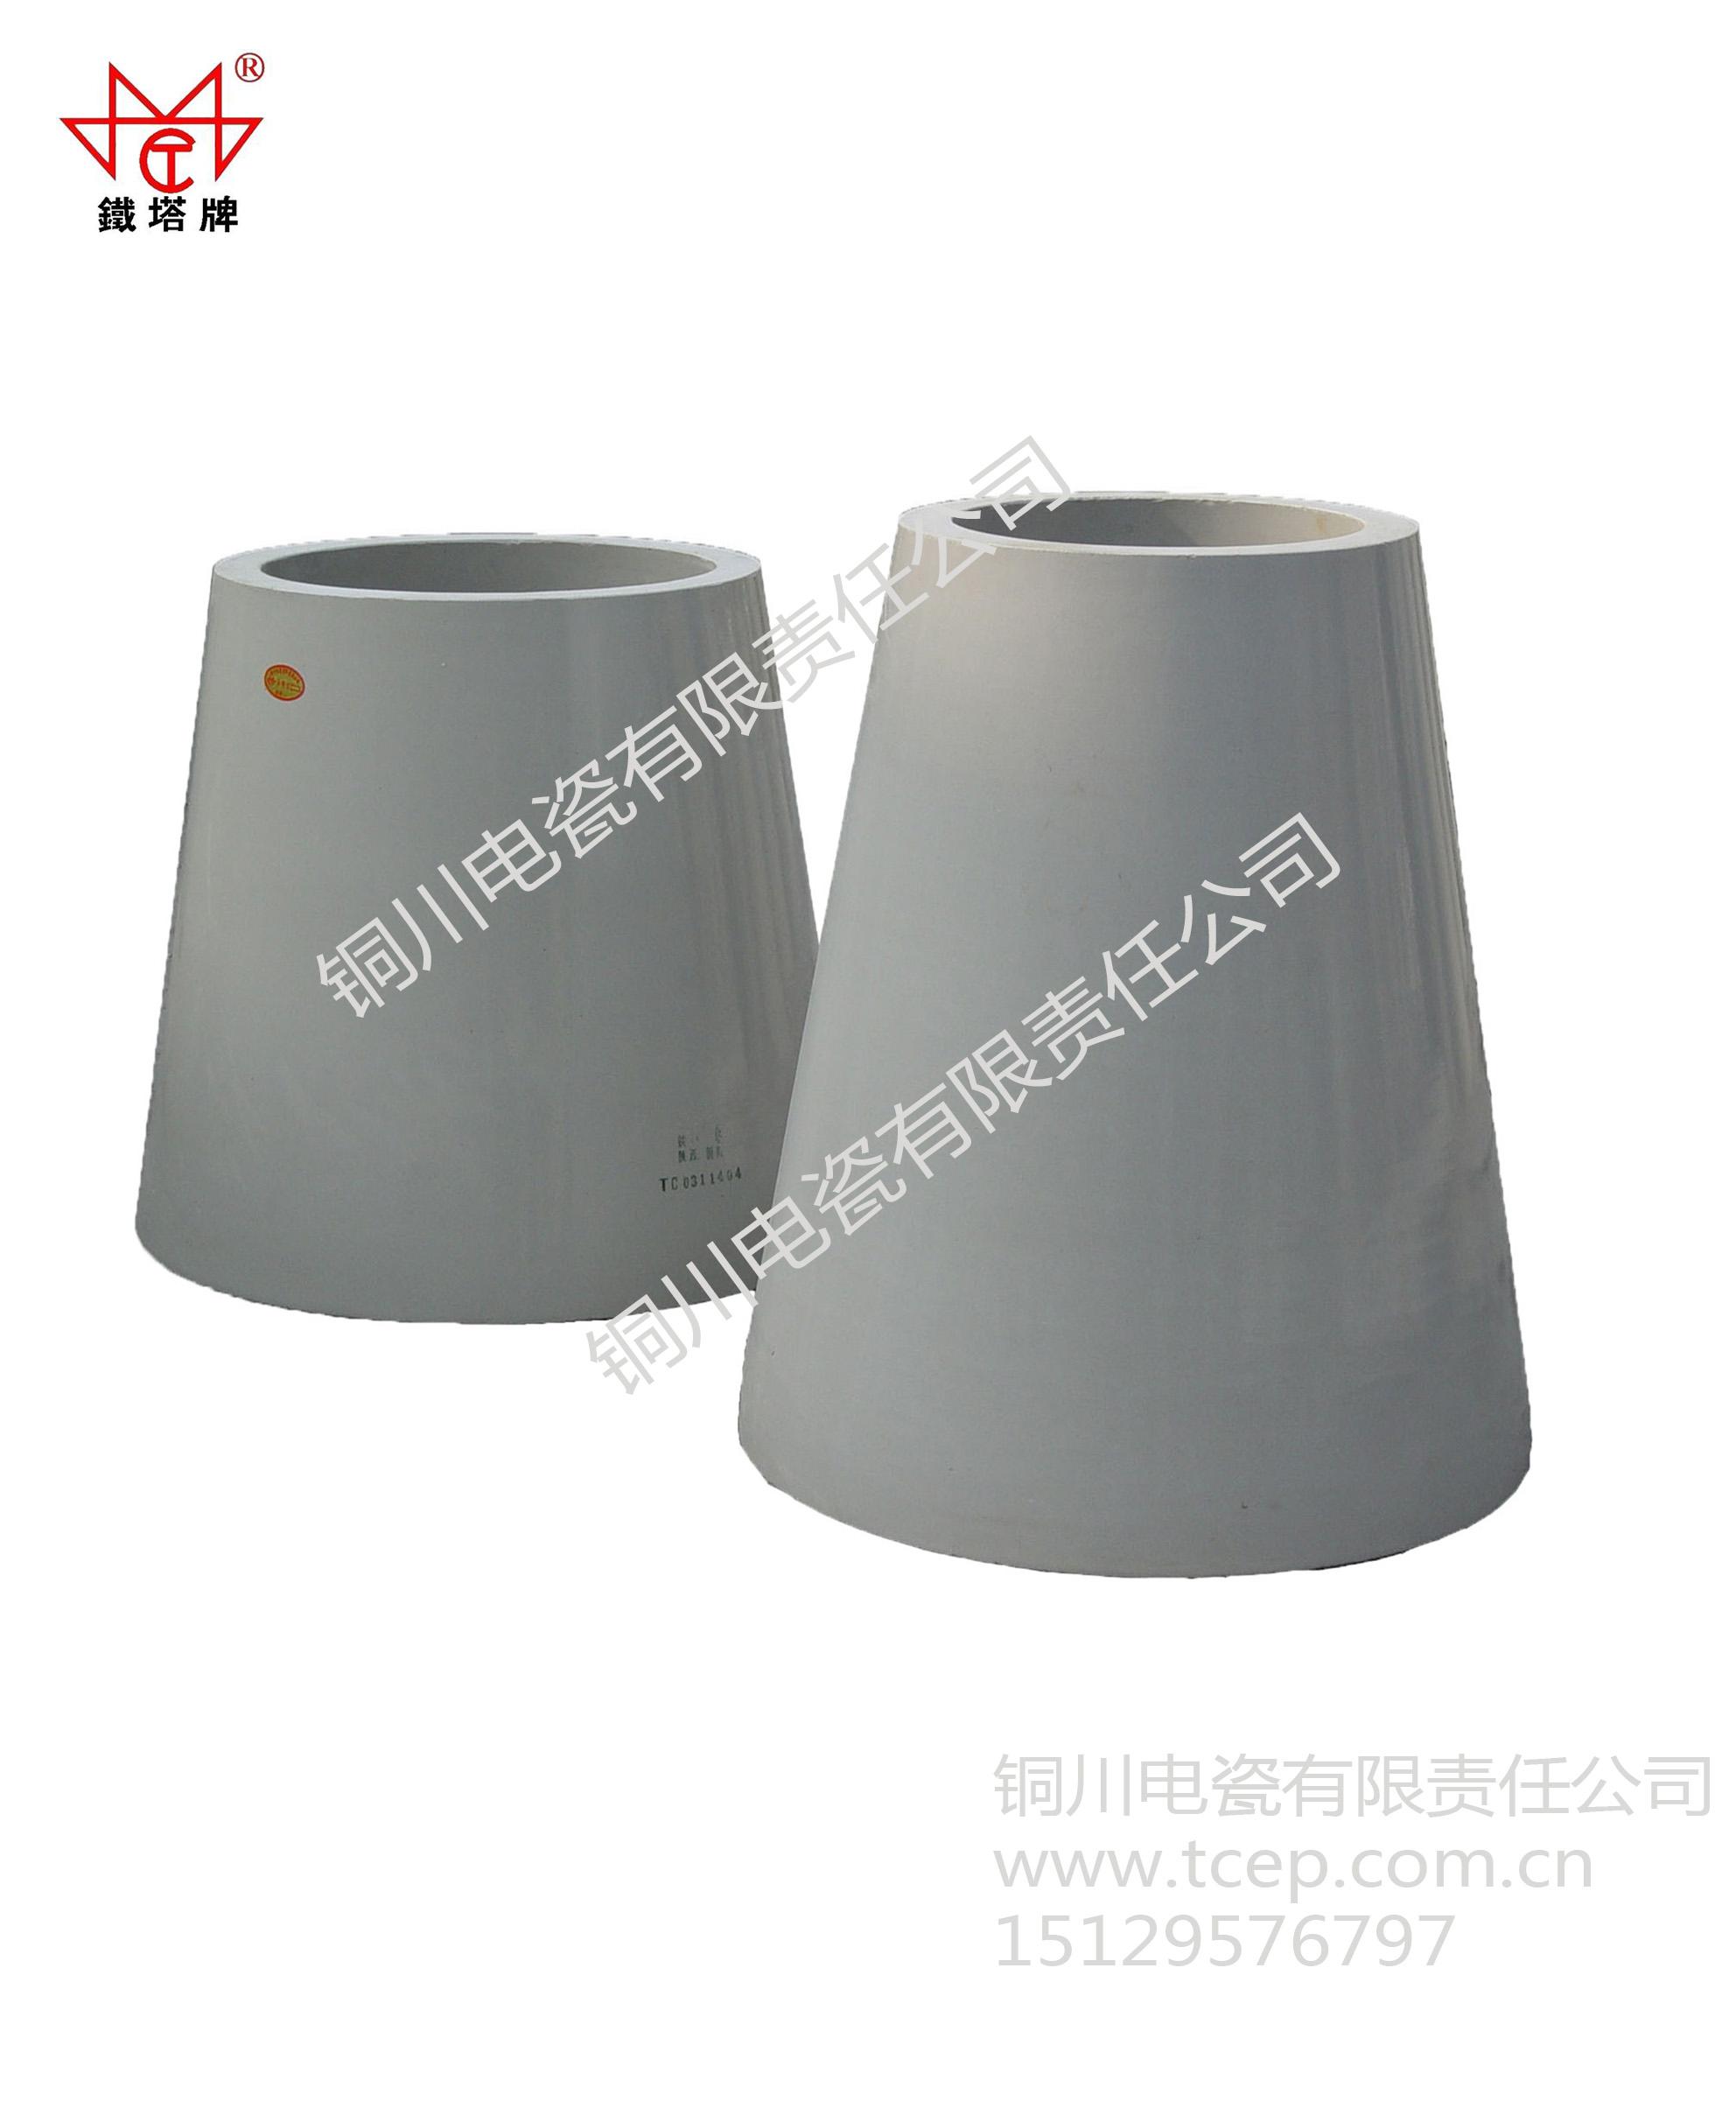 承壓絕緣子瓷套T515-4